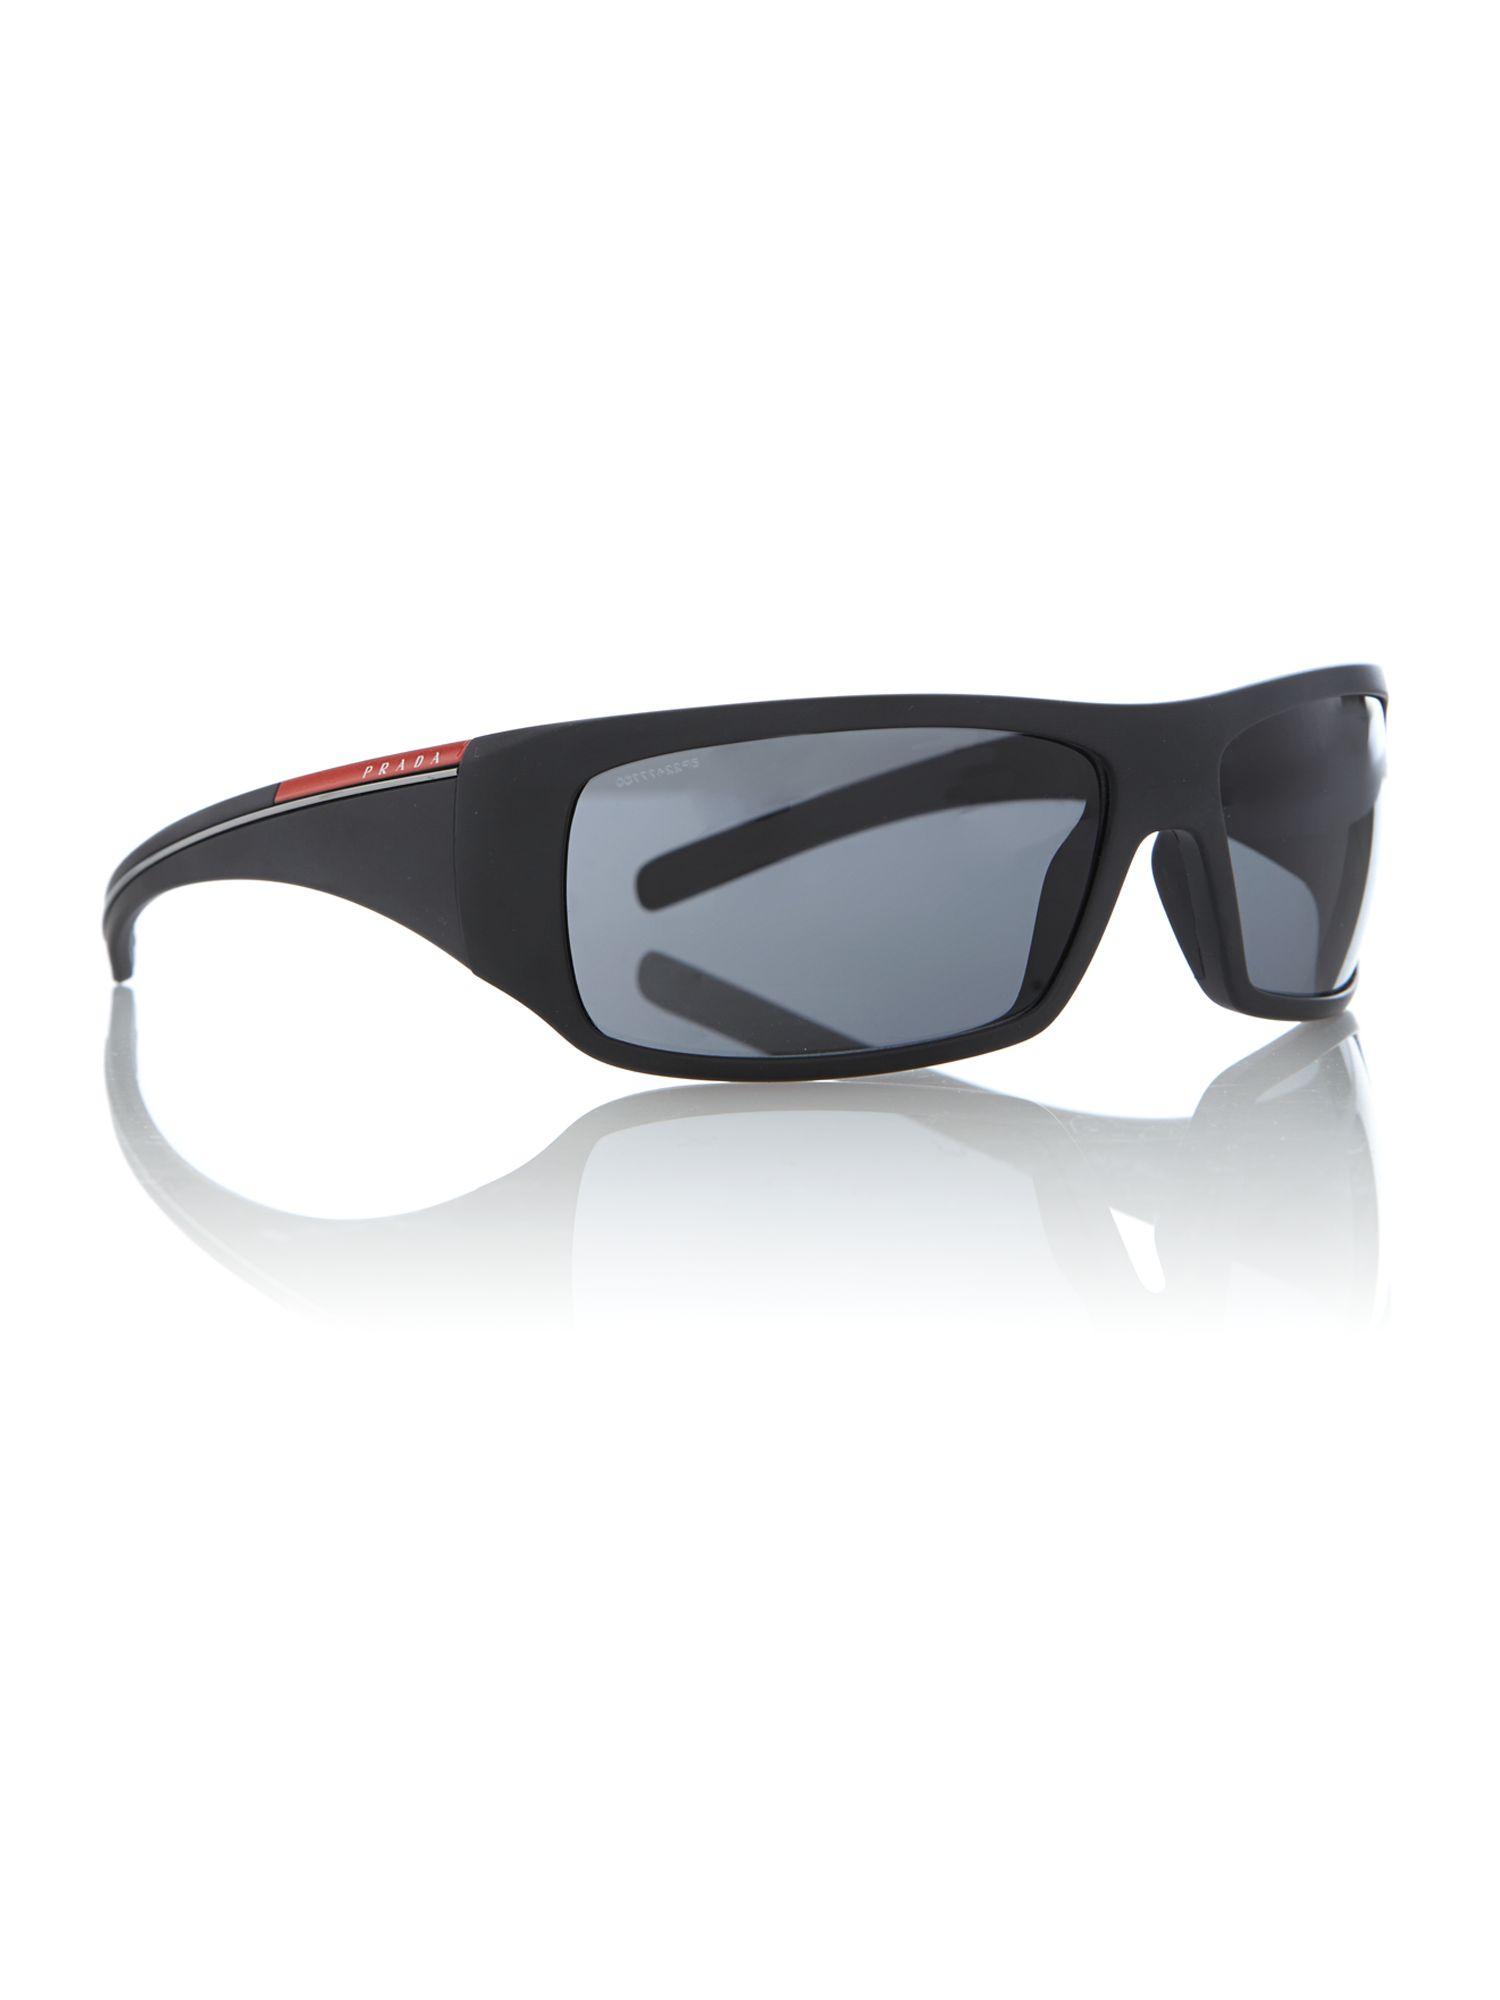 8cfc06cd19515 Prada Linea Rossa Sunglasses Mens